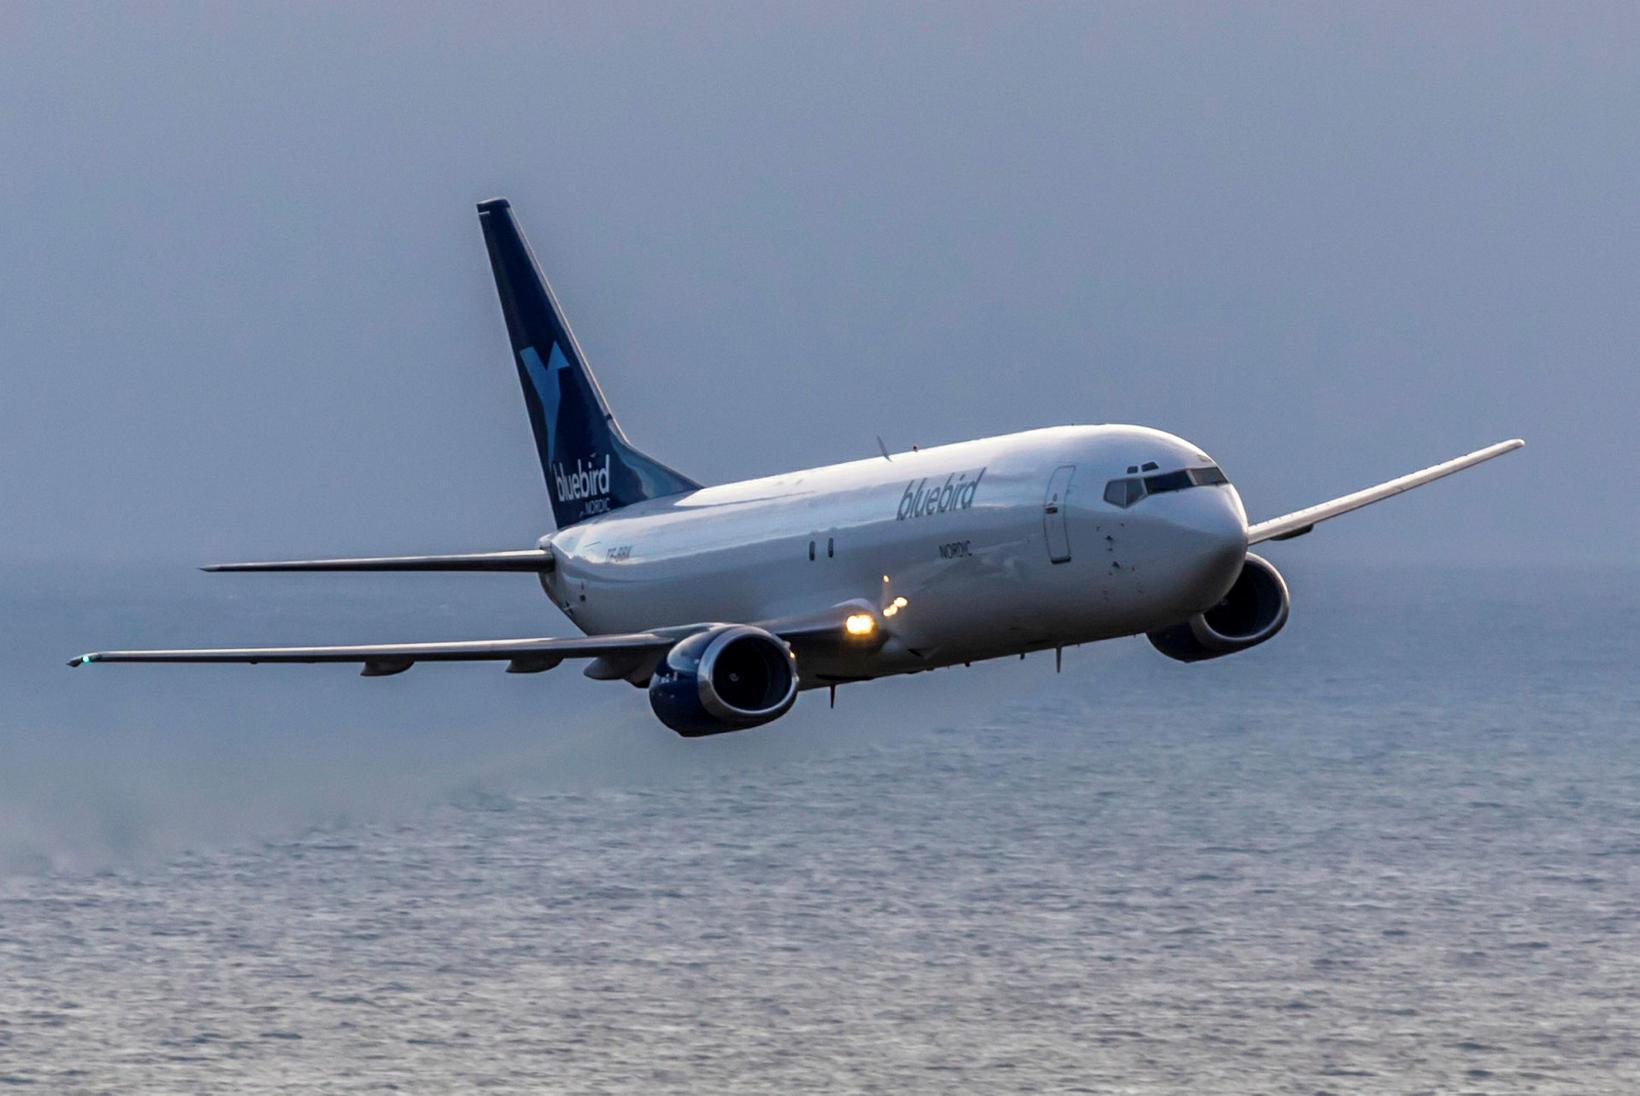 Bluebird Nordic hefur verið með 8 Boeing 737 þotur í …